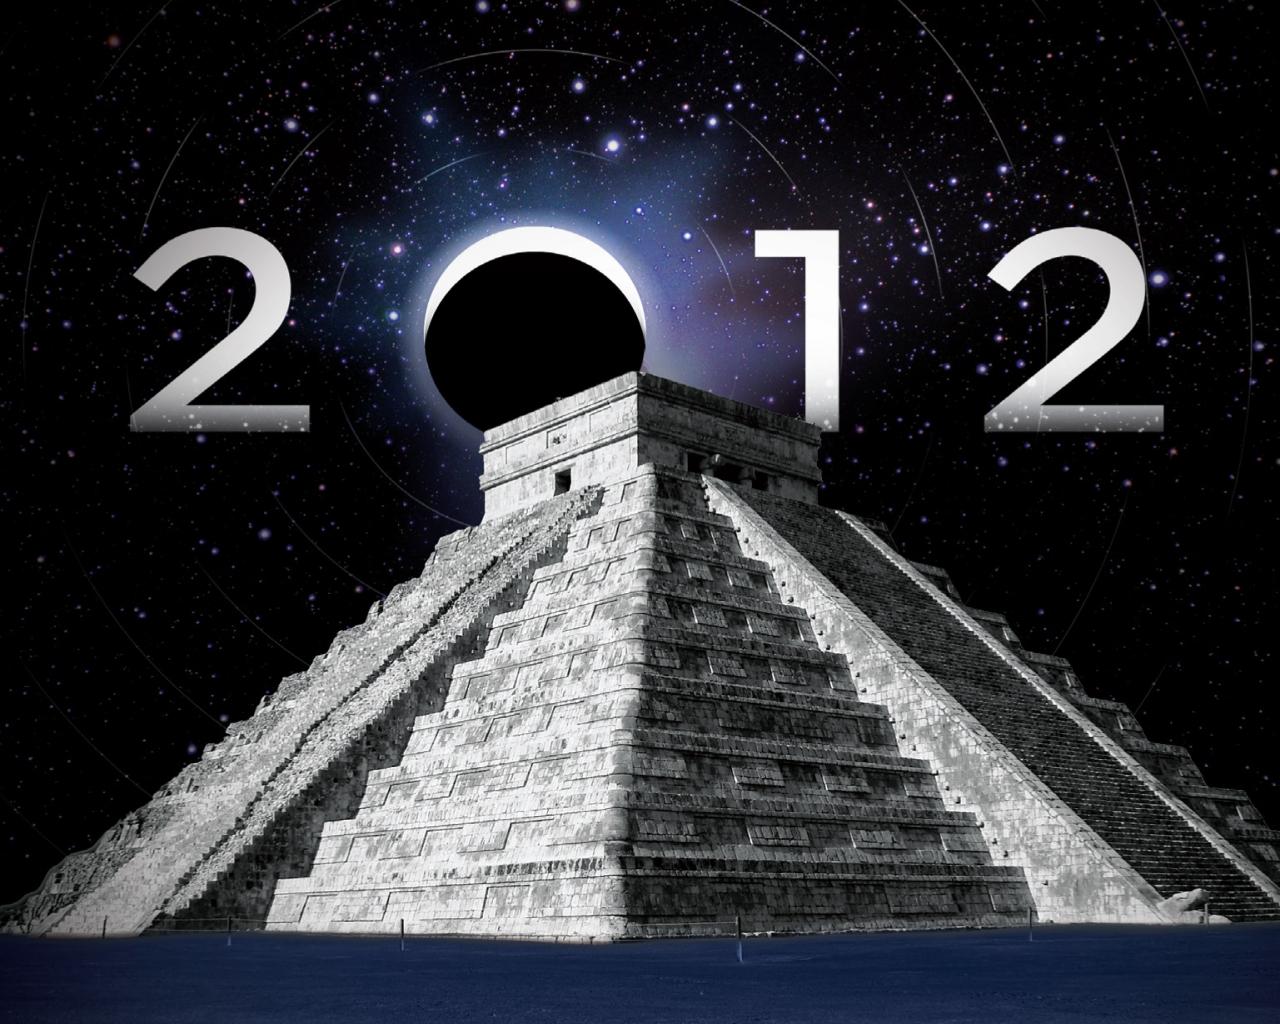 http://4.bp.blogspot.com/-CrbfTabuSjY/Tc5ucEY950I/AAAAAAAAH8M/gPrMNMXdqq8/s1600/2012_Mayan.jpg